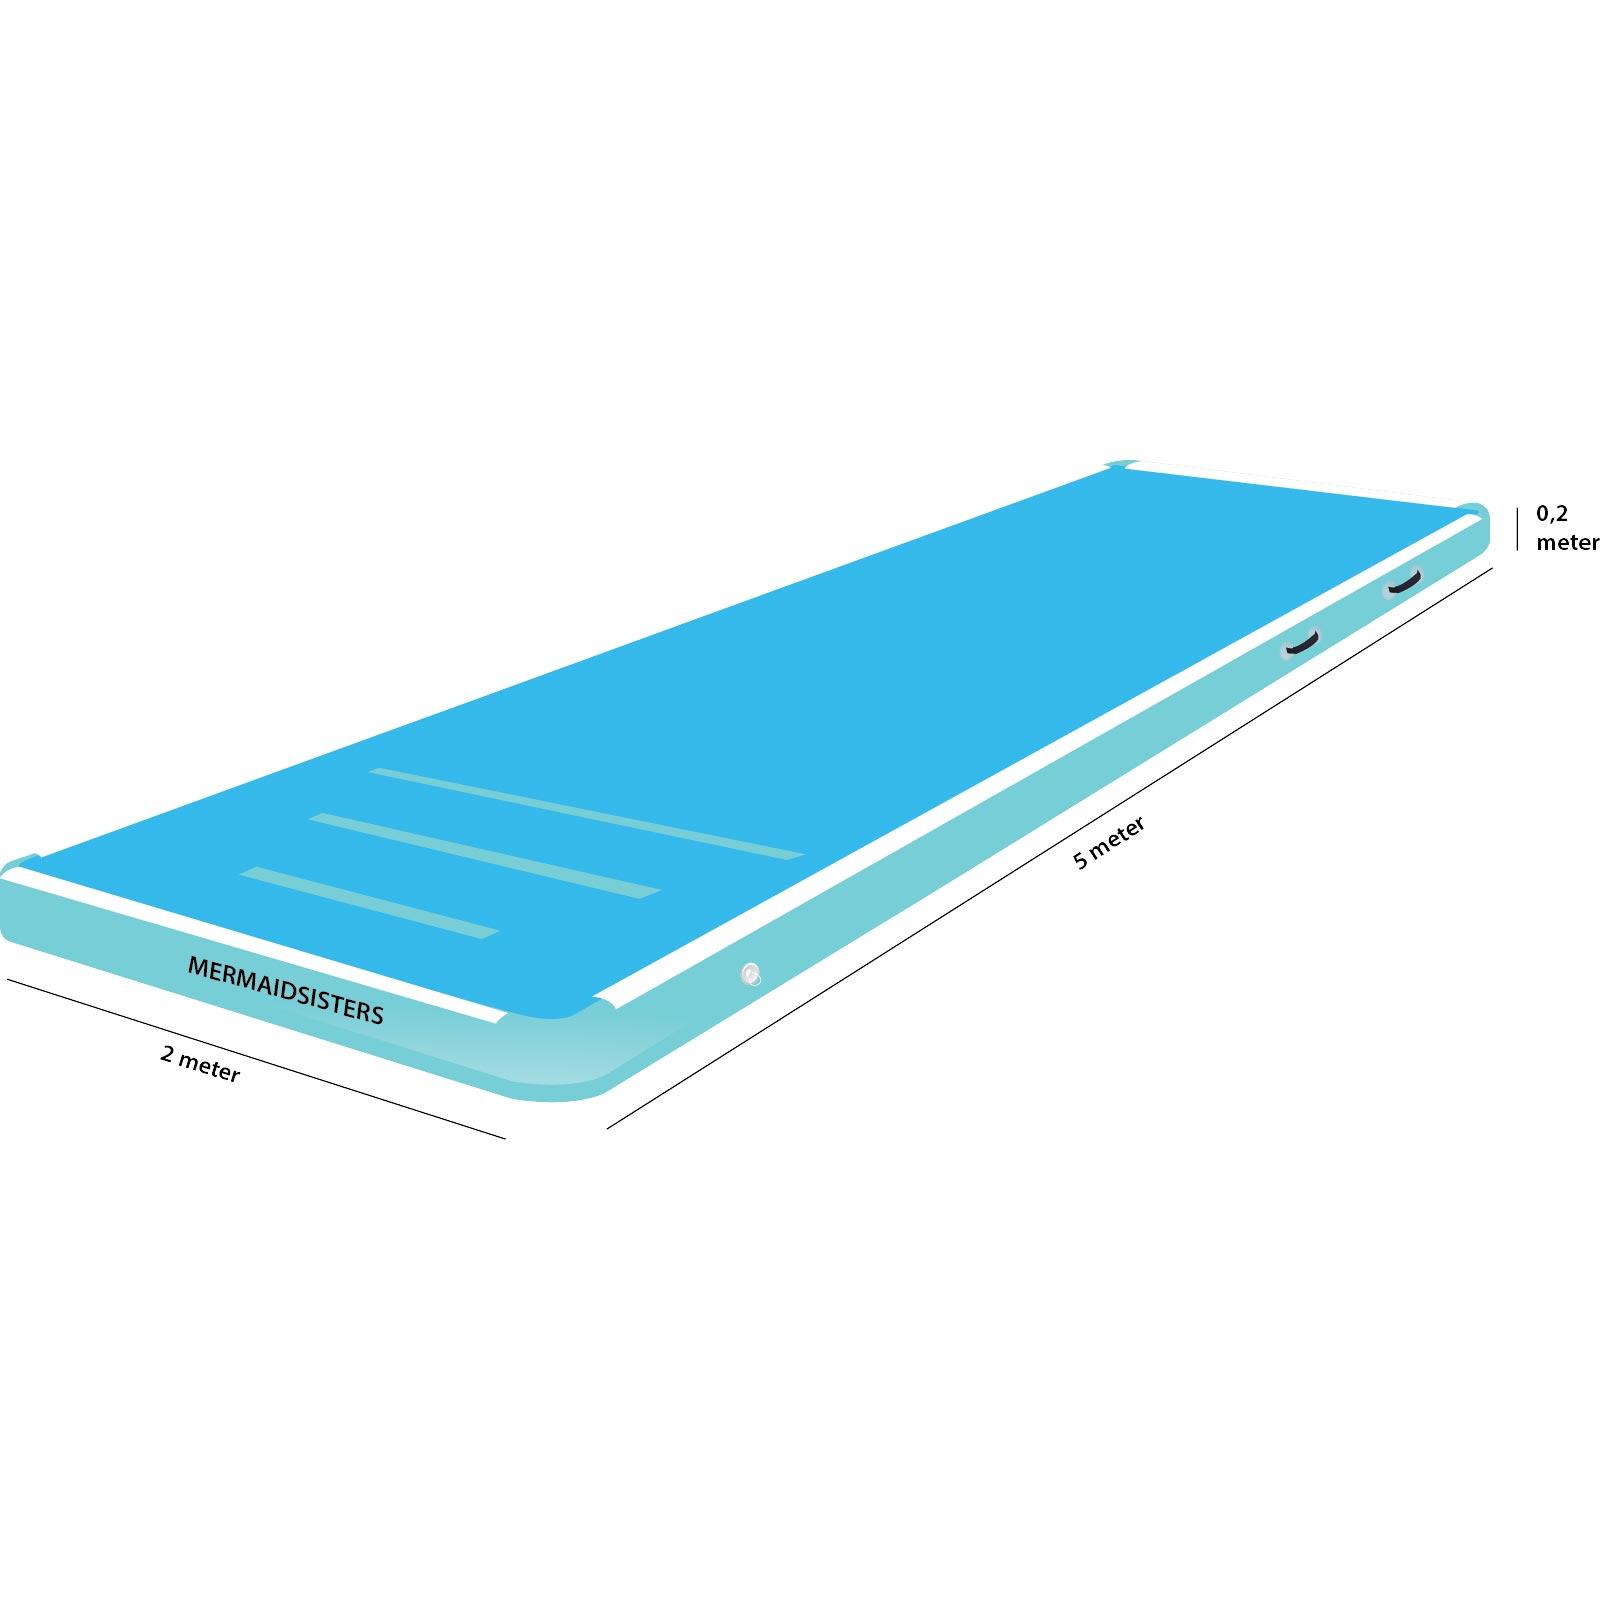 AirTrack 5 meter blauw 2 meter breed 20 cm hoog